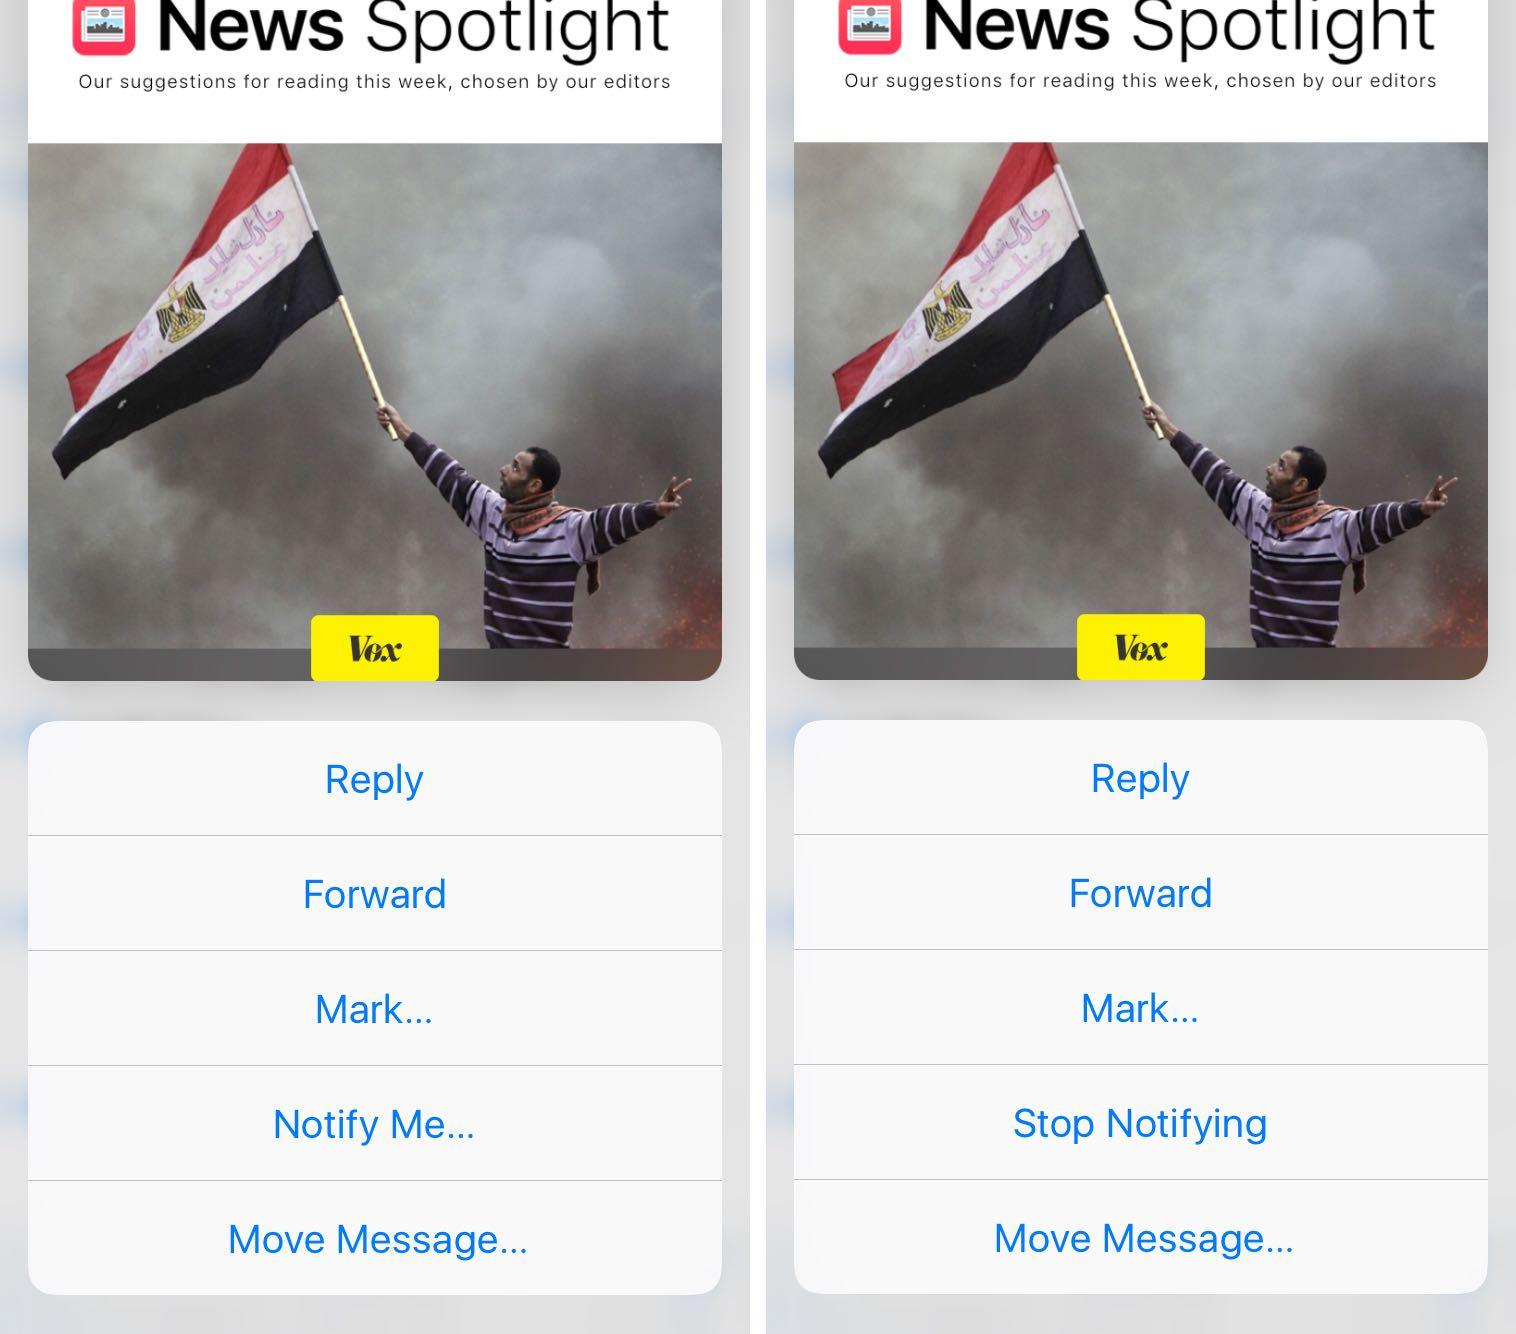 Las acciones de correo electrónico iOS 9 Mail 3D Touch notifican la captura de pantalla 006 del iPhone 6s